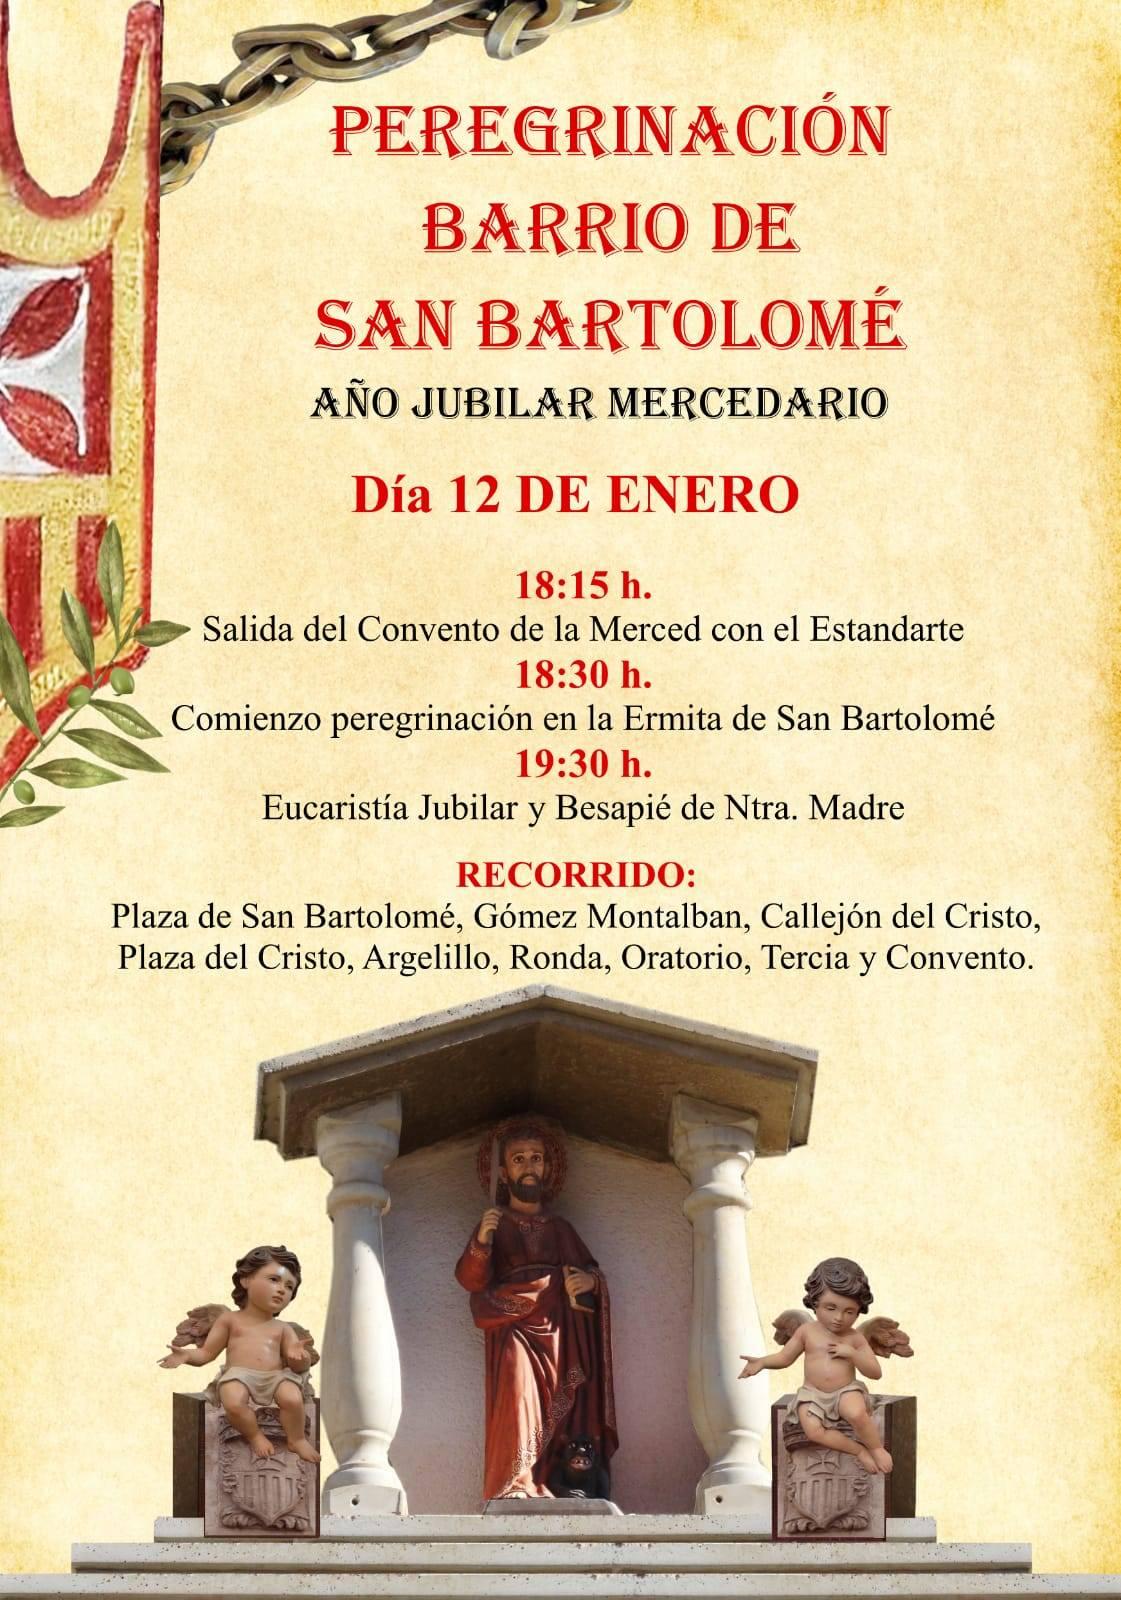 peregrinación jubilar del barrio de san Bartolomé - Peregrinación jubilar mercedaria del barrio de San Bartolomé